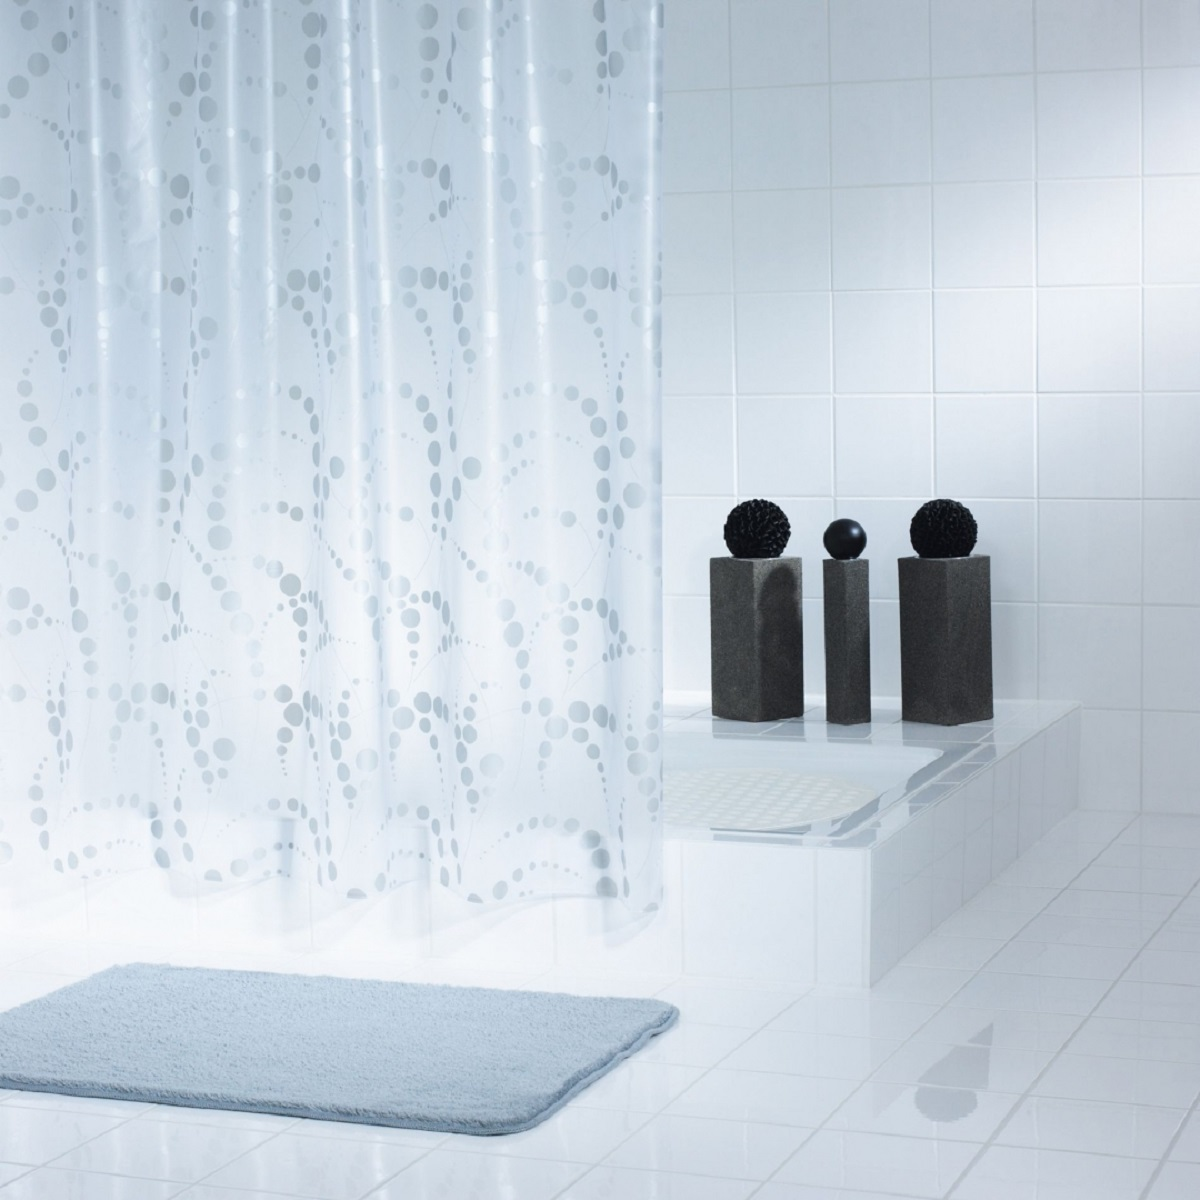 Штора для ванной комнаты Ridder Dots, цвет: серый, 180 х 200 смRG-D31SШтора для ванной комнаты Ridder Dots, изготовленная из высококачественного полиэтиленвинилацетата, приятна на ощупь, устойчива к разрывам и проколам, не пропускает воду. Изделие декорировано ярким рисунком с изображением кругов.Штора надежно защитит от брызг и капель пространство вашей ванной комнаты в то время, пока вы принимаете душ, а привлекательный дизайн шторы наполнит вашу ванную комнату положительной энергией.